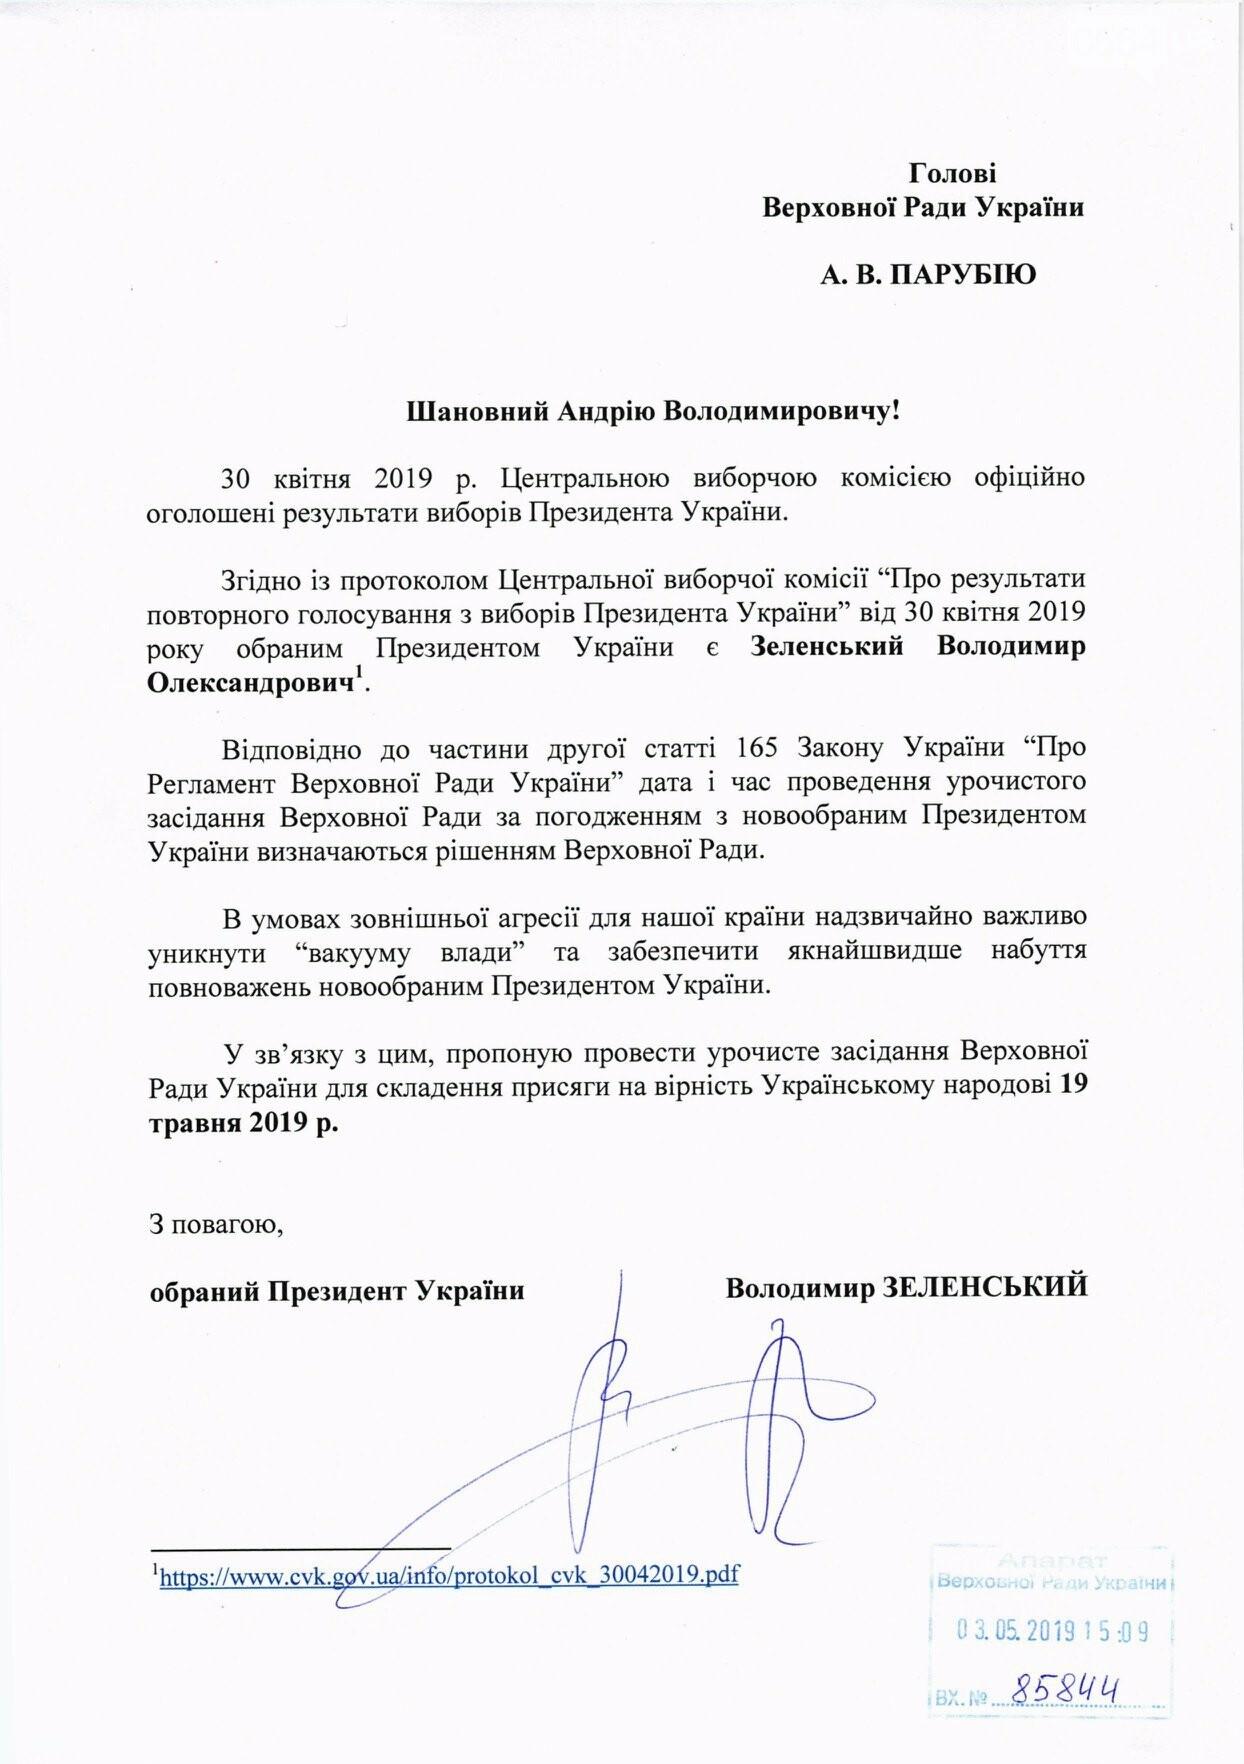 Зеленский предложил инаугурацию 19 мая, Вятрович напомнил -  в Украине это траурный день, фото-2